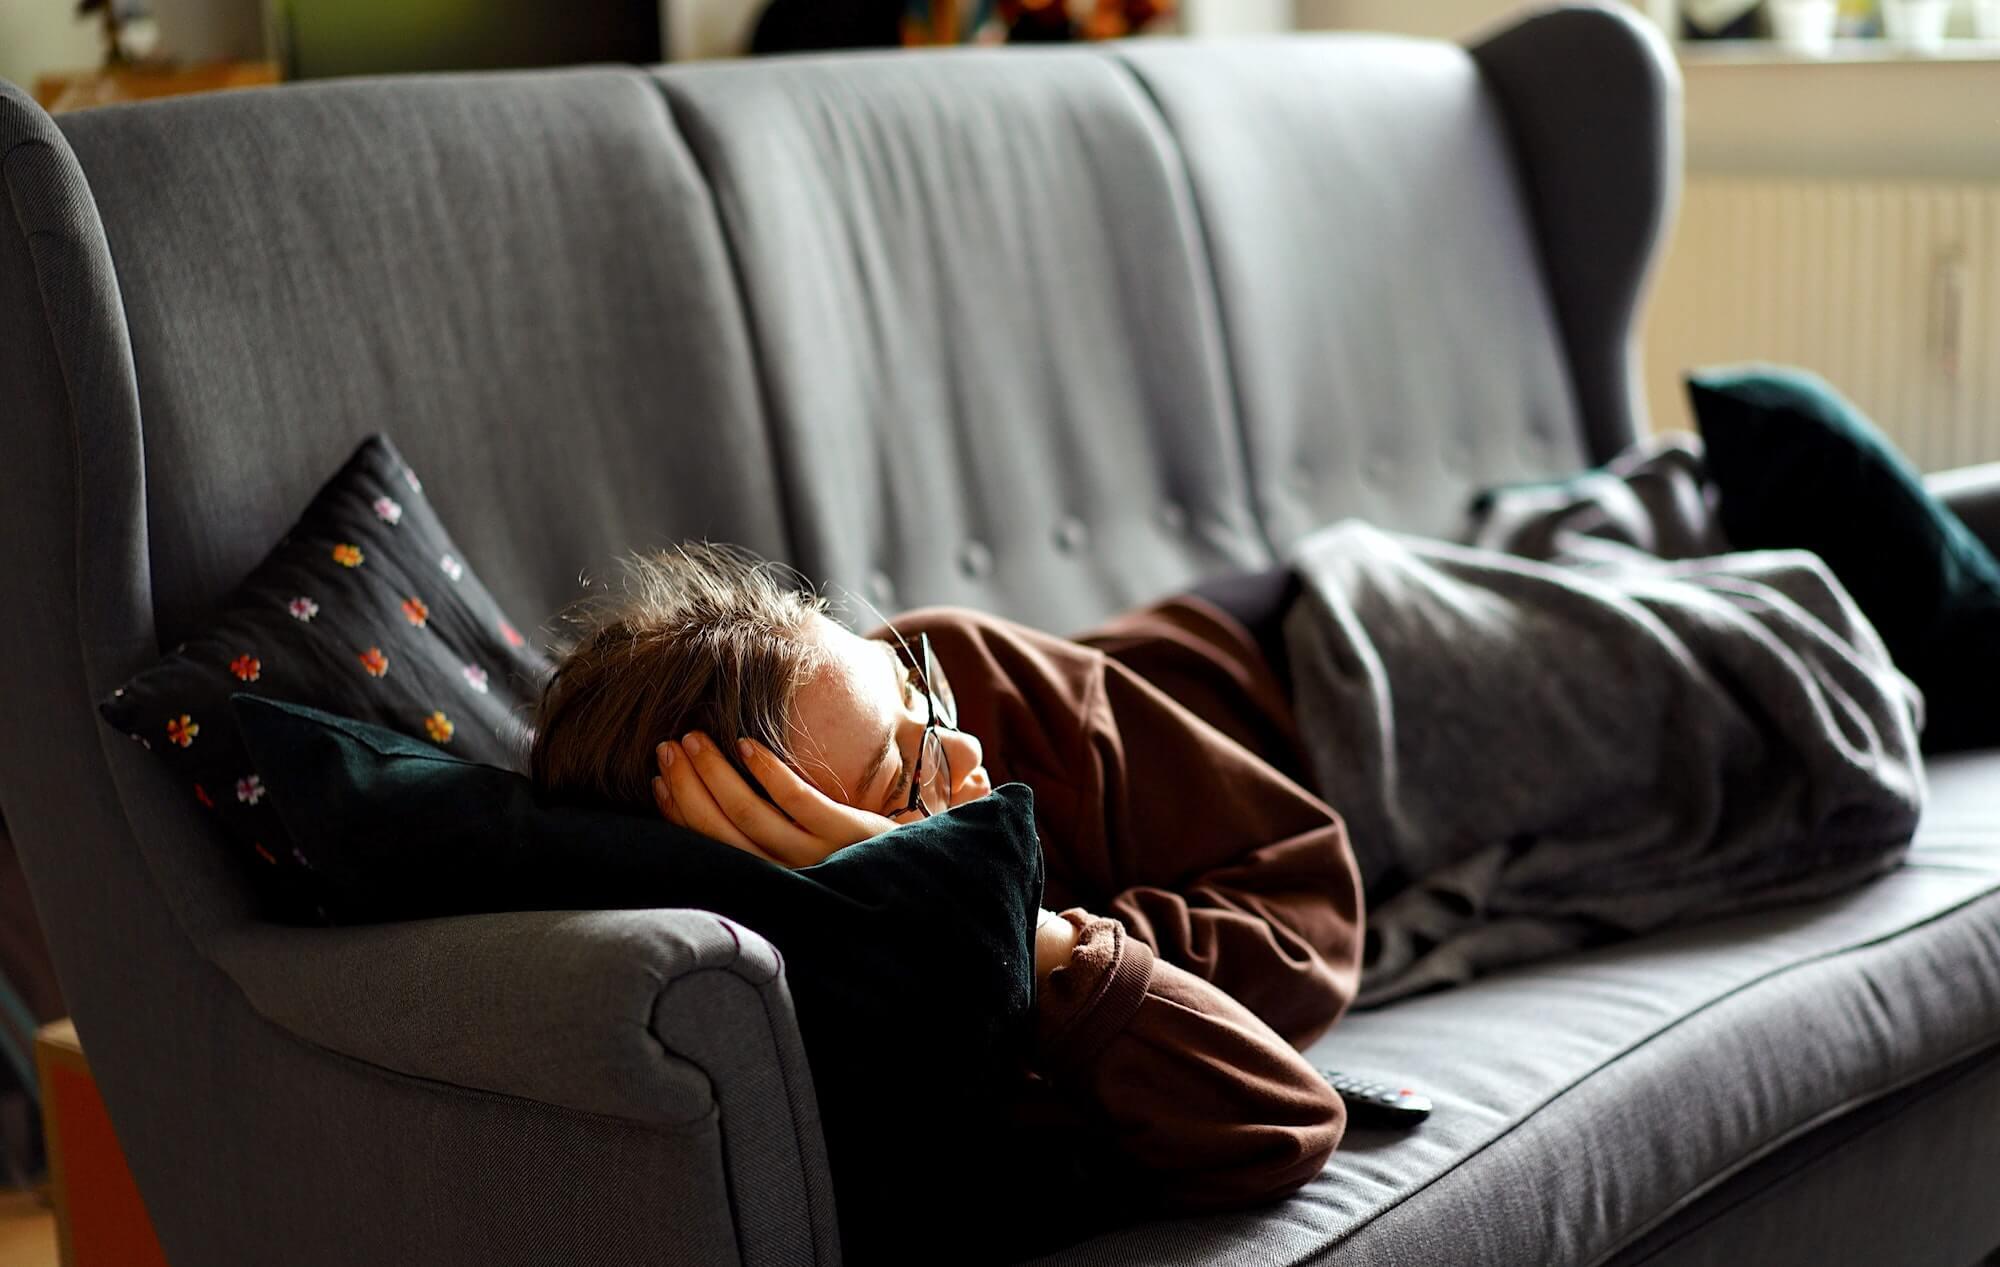 Давайте лучше по телевизору как контент для аудитории адаптируется под ее возможности